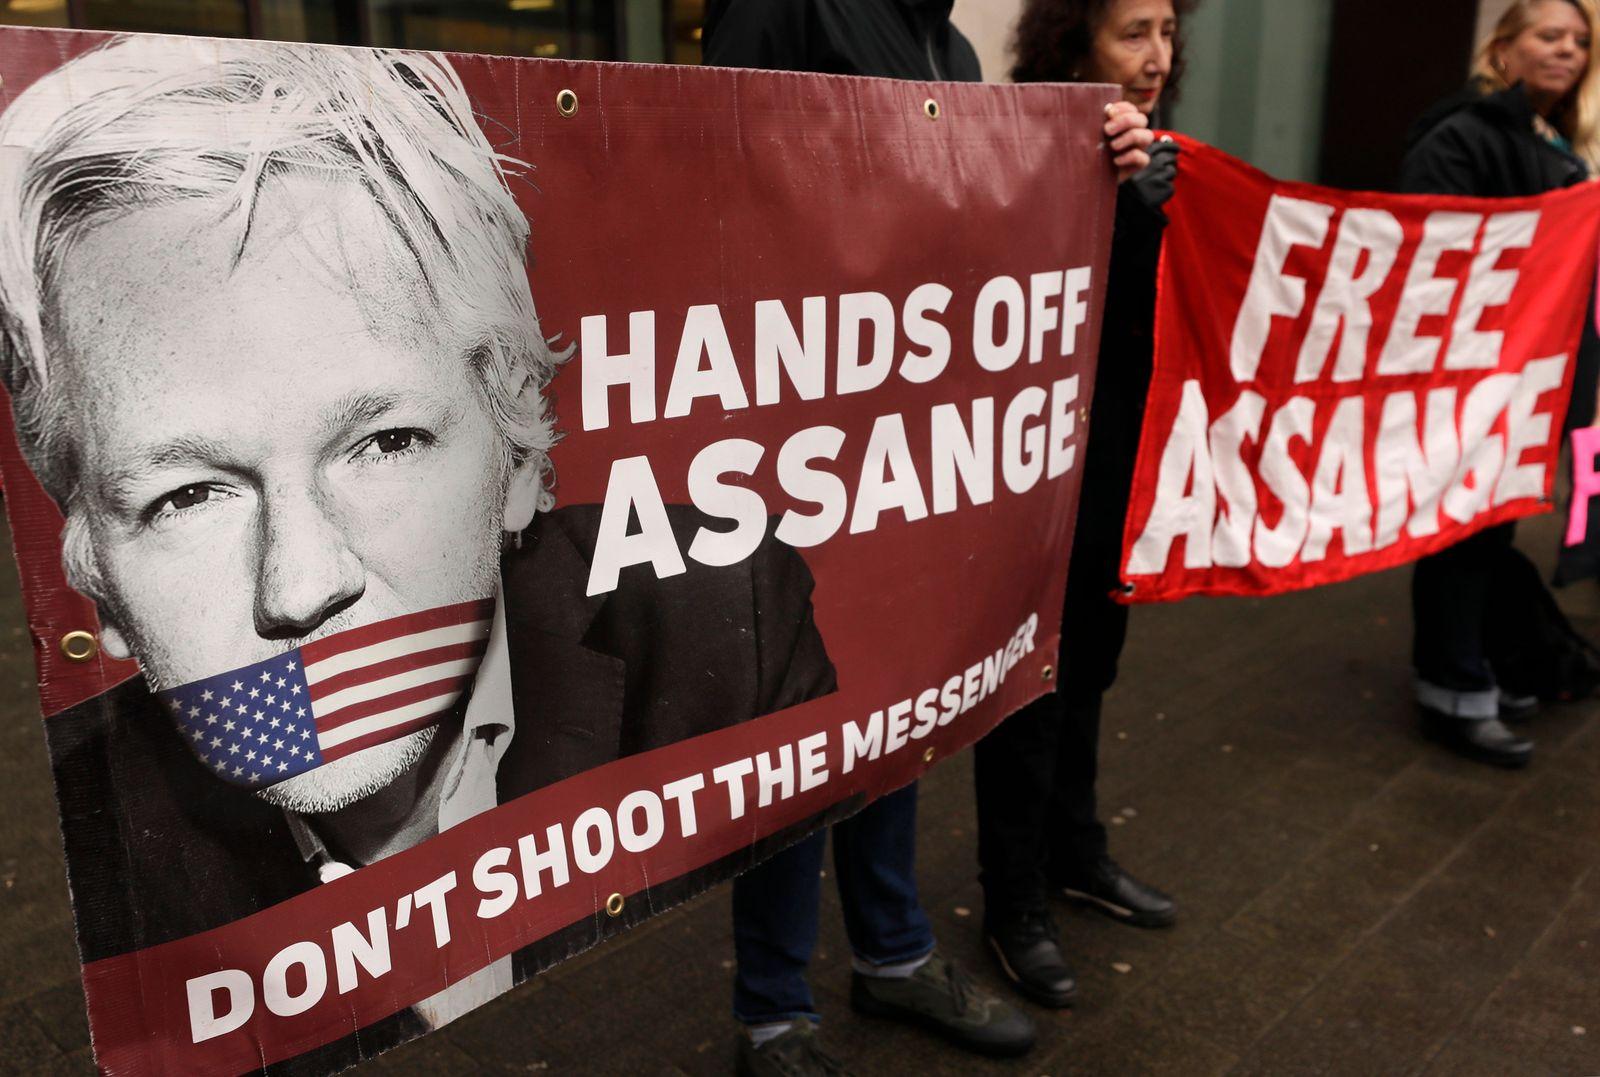 Gerichtsanhörung des Wikileaks-Gründers Assange